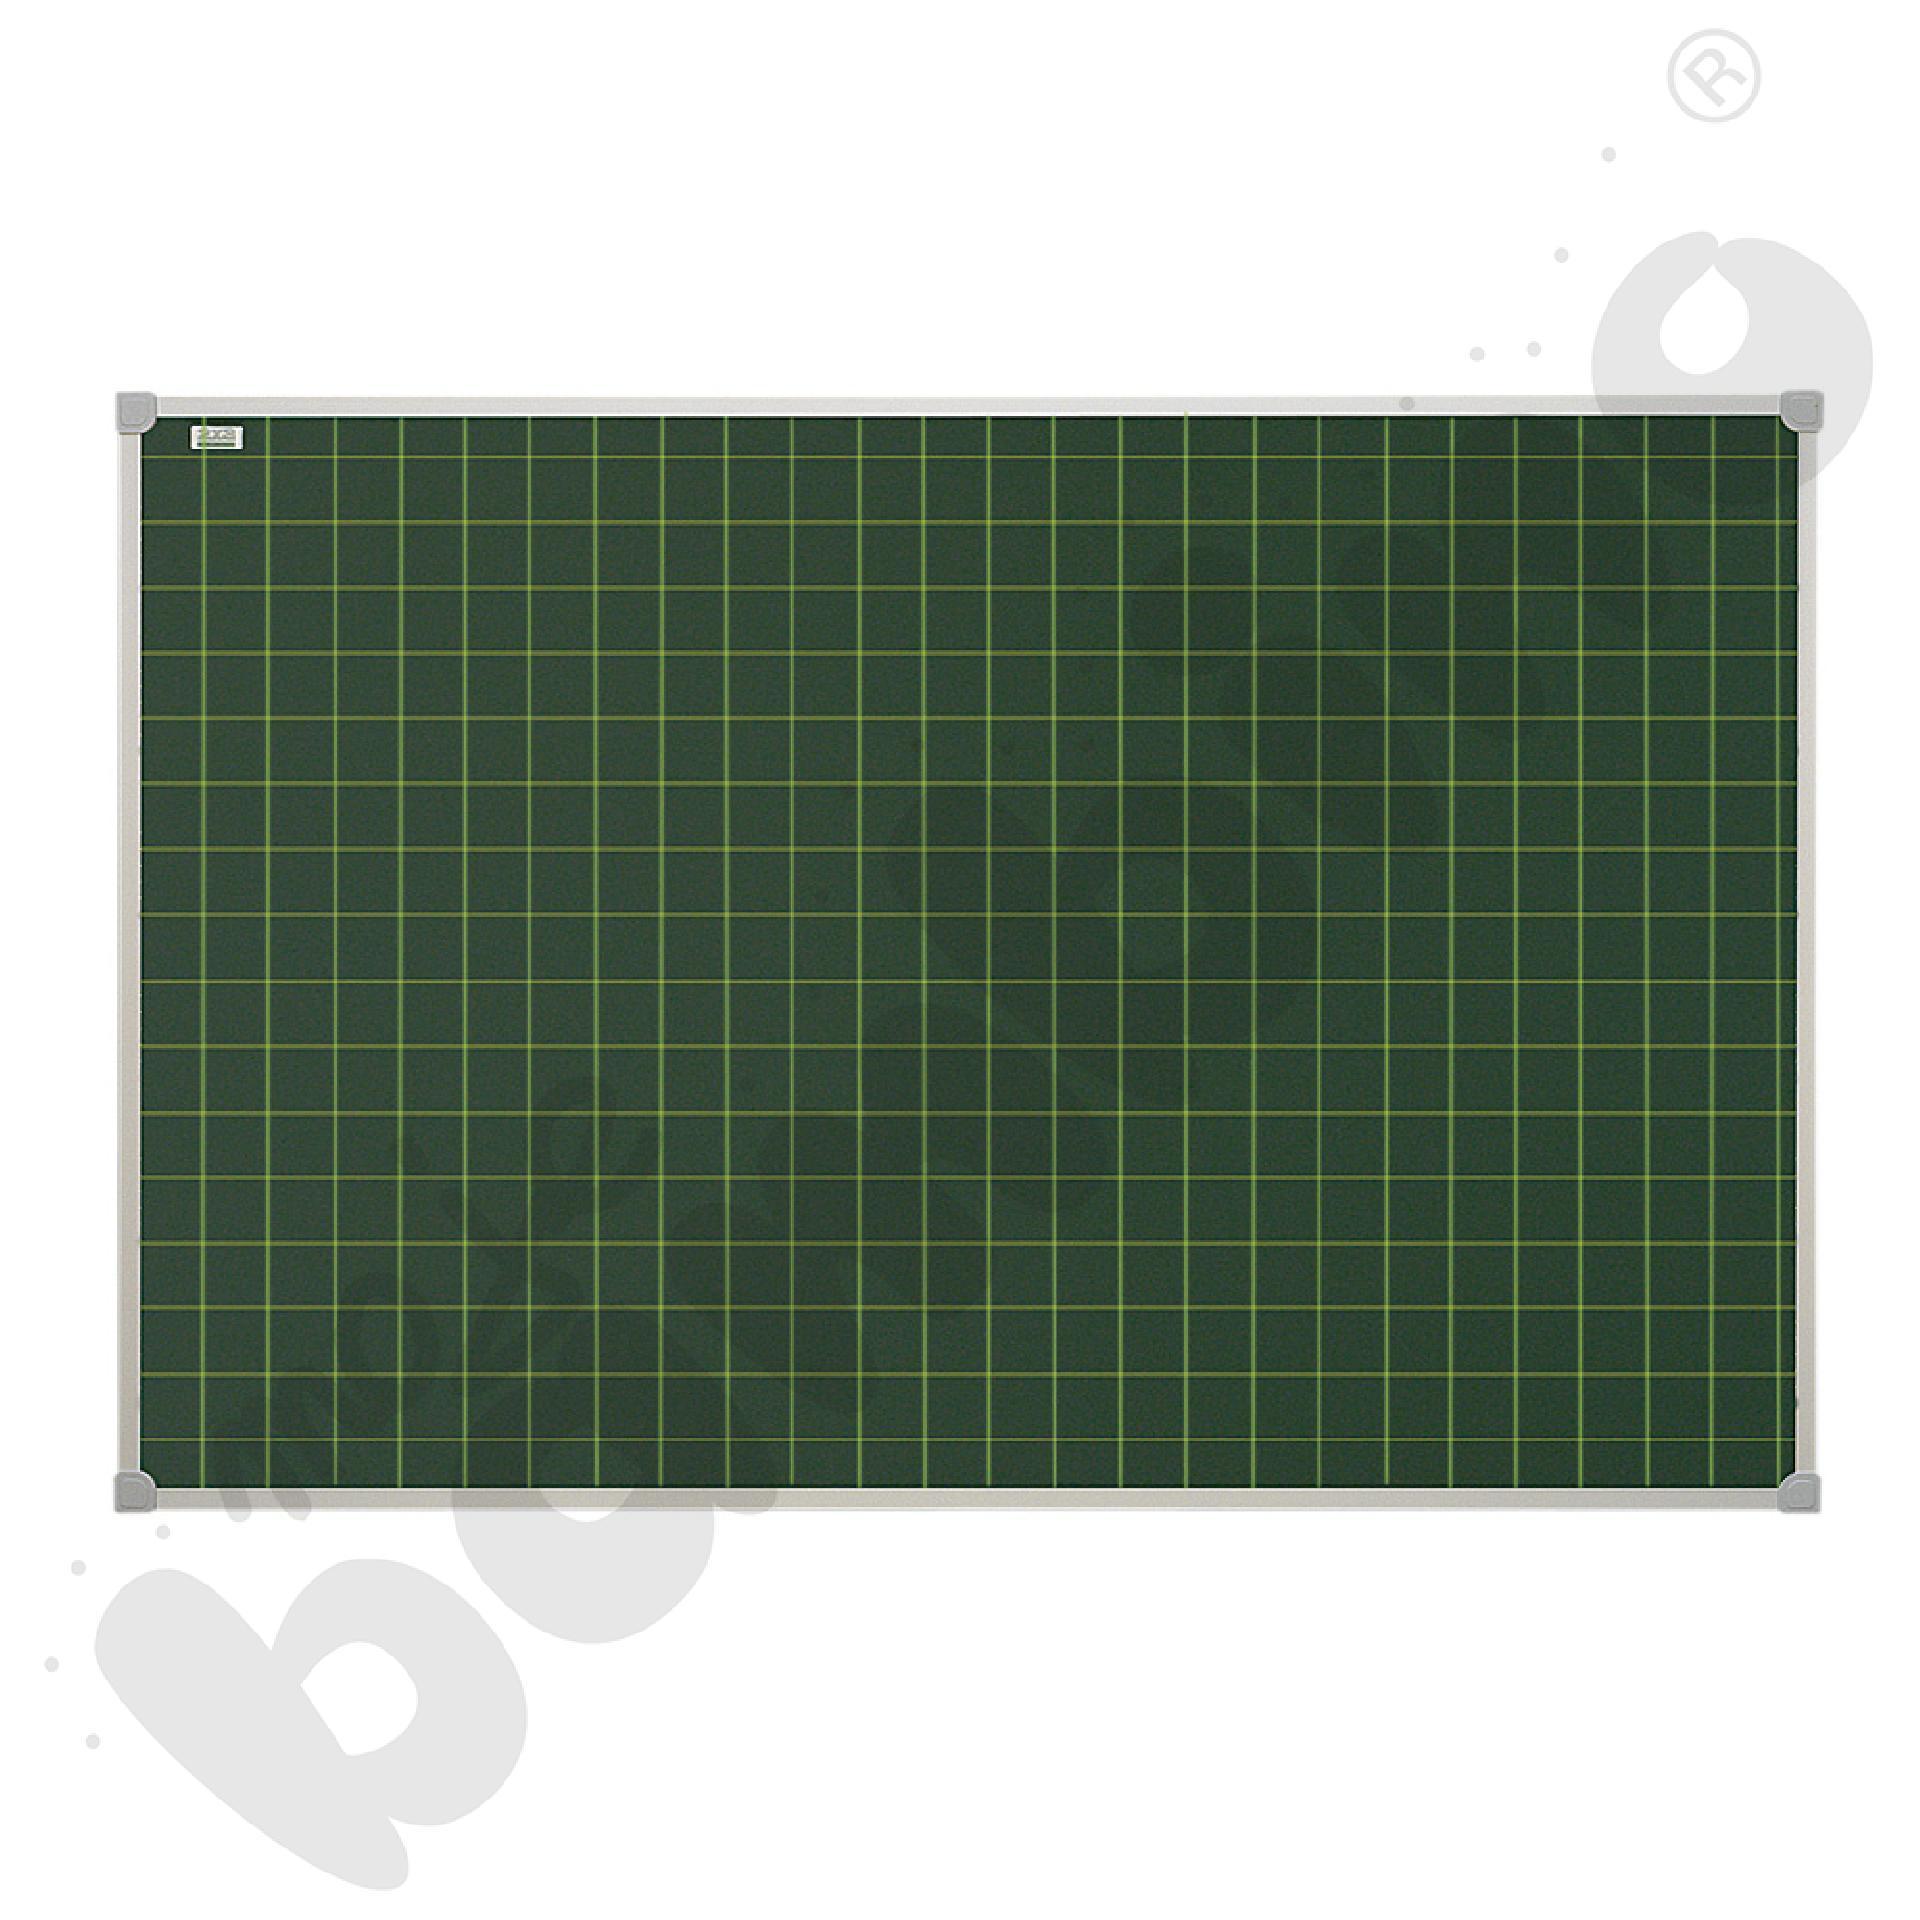 Tablica szkolna pojedyncza zielona w kratkę